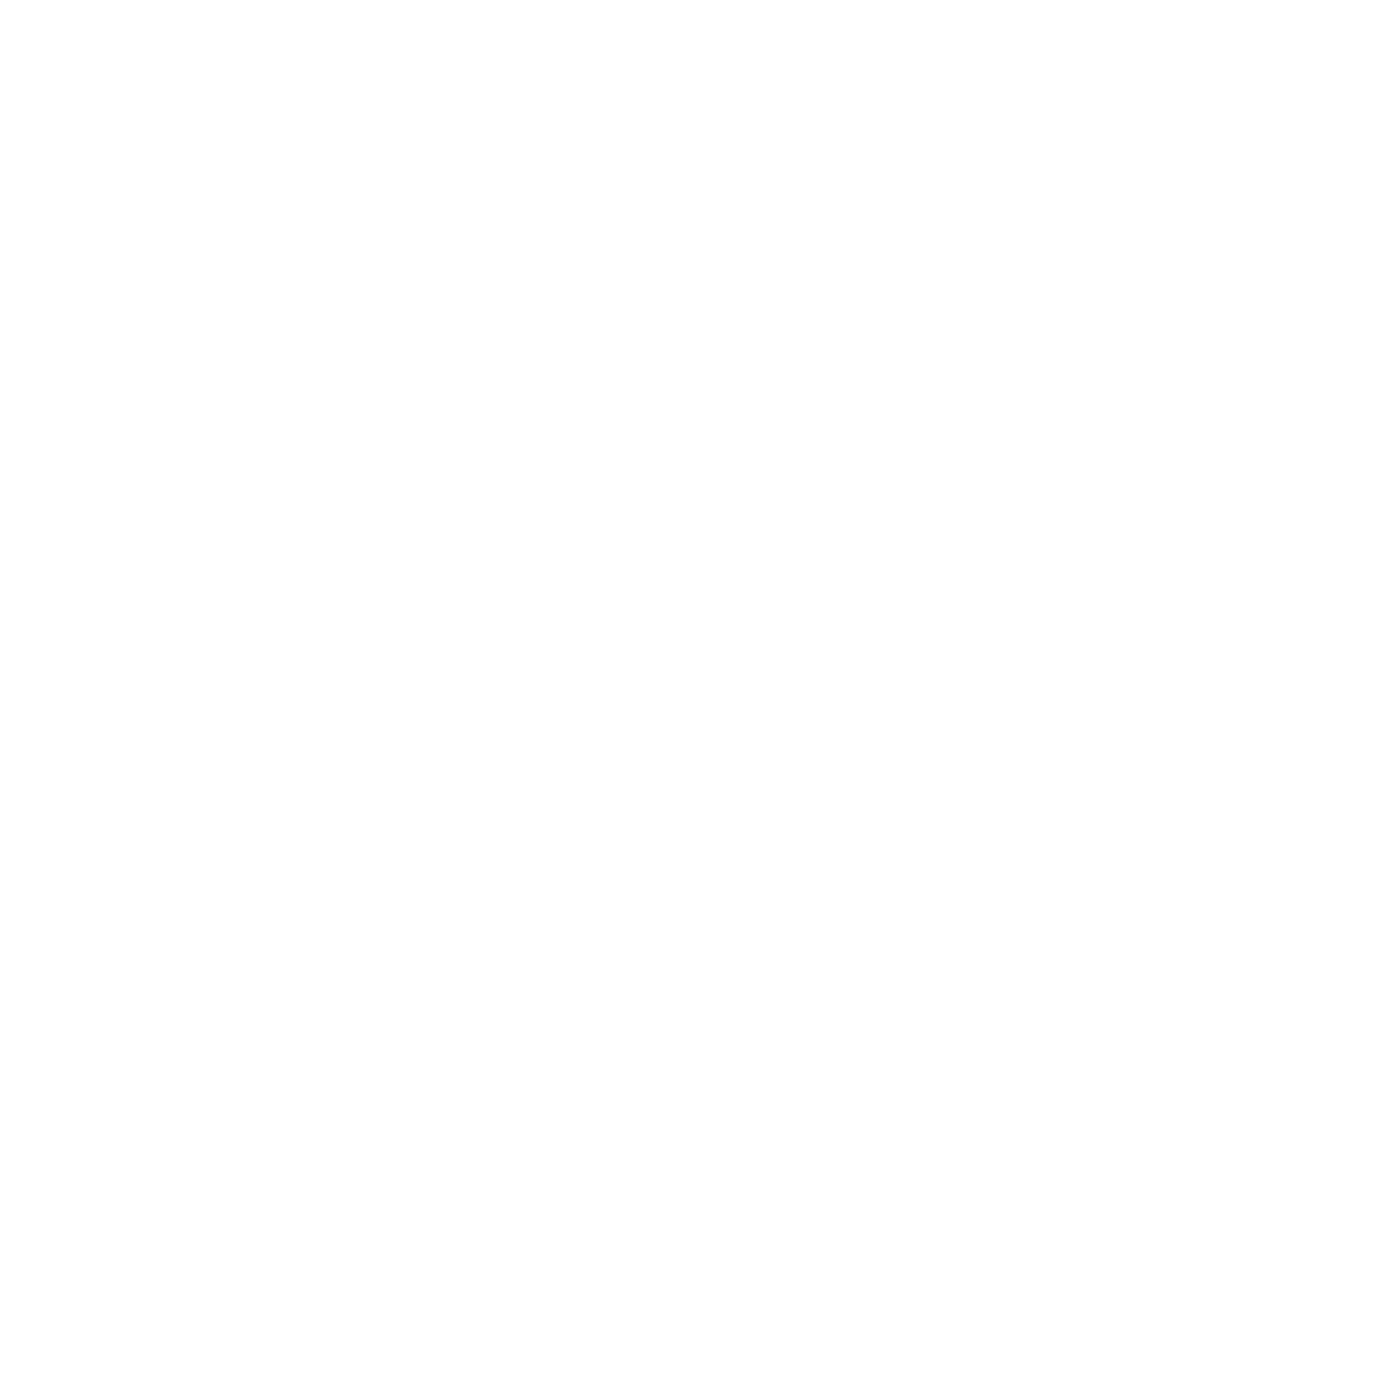 Phill Tarling